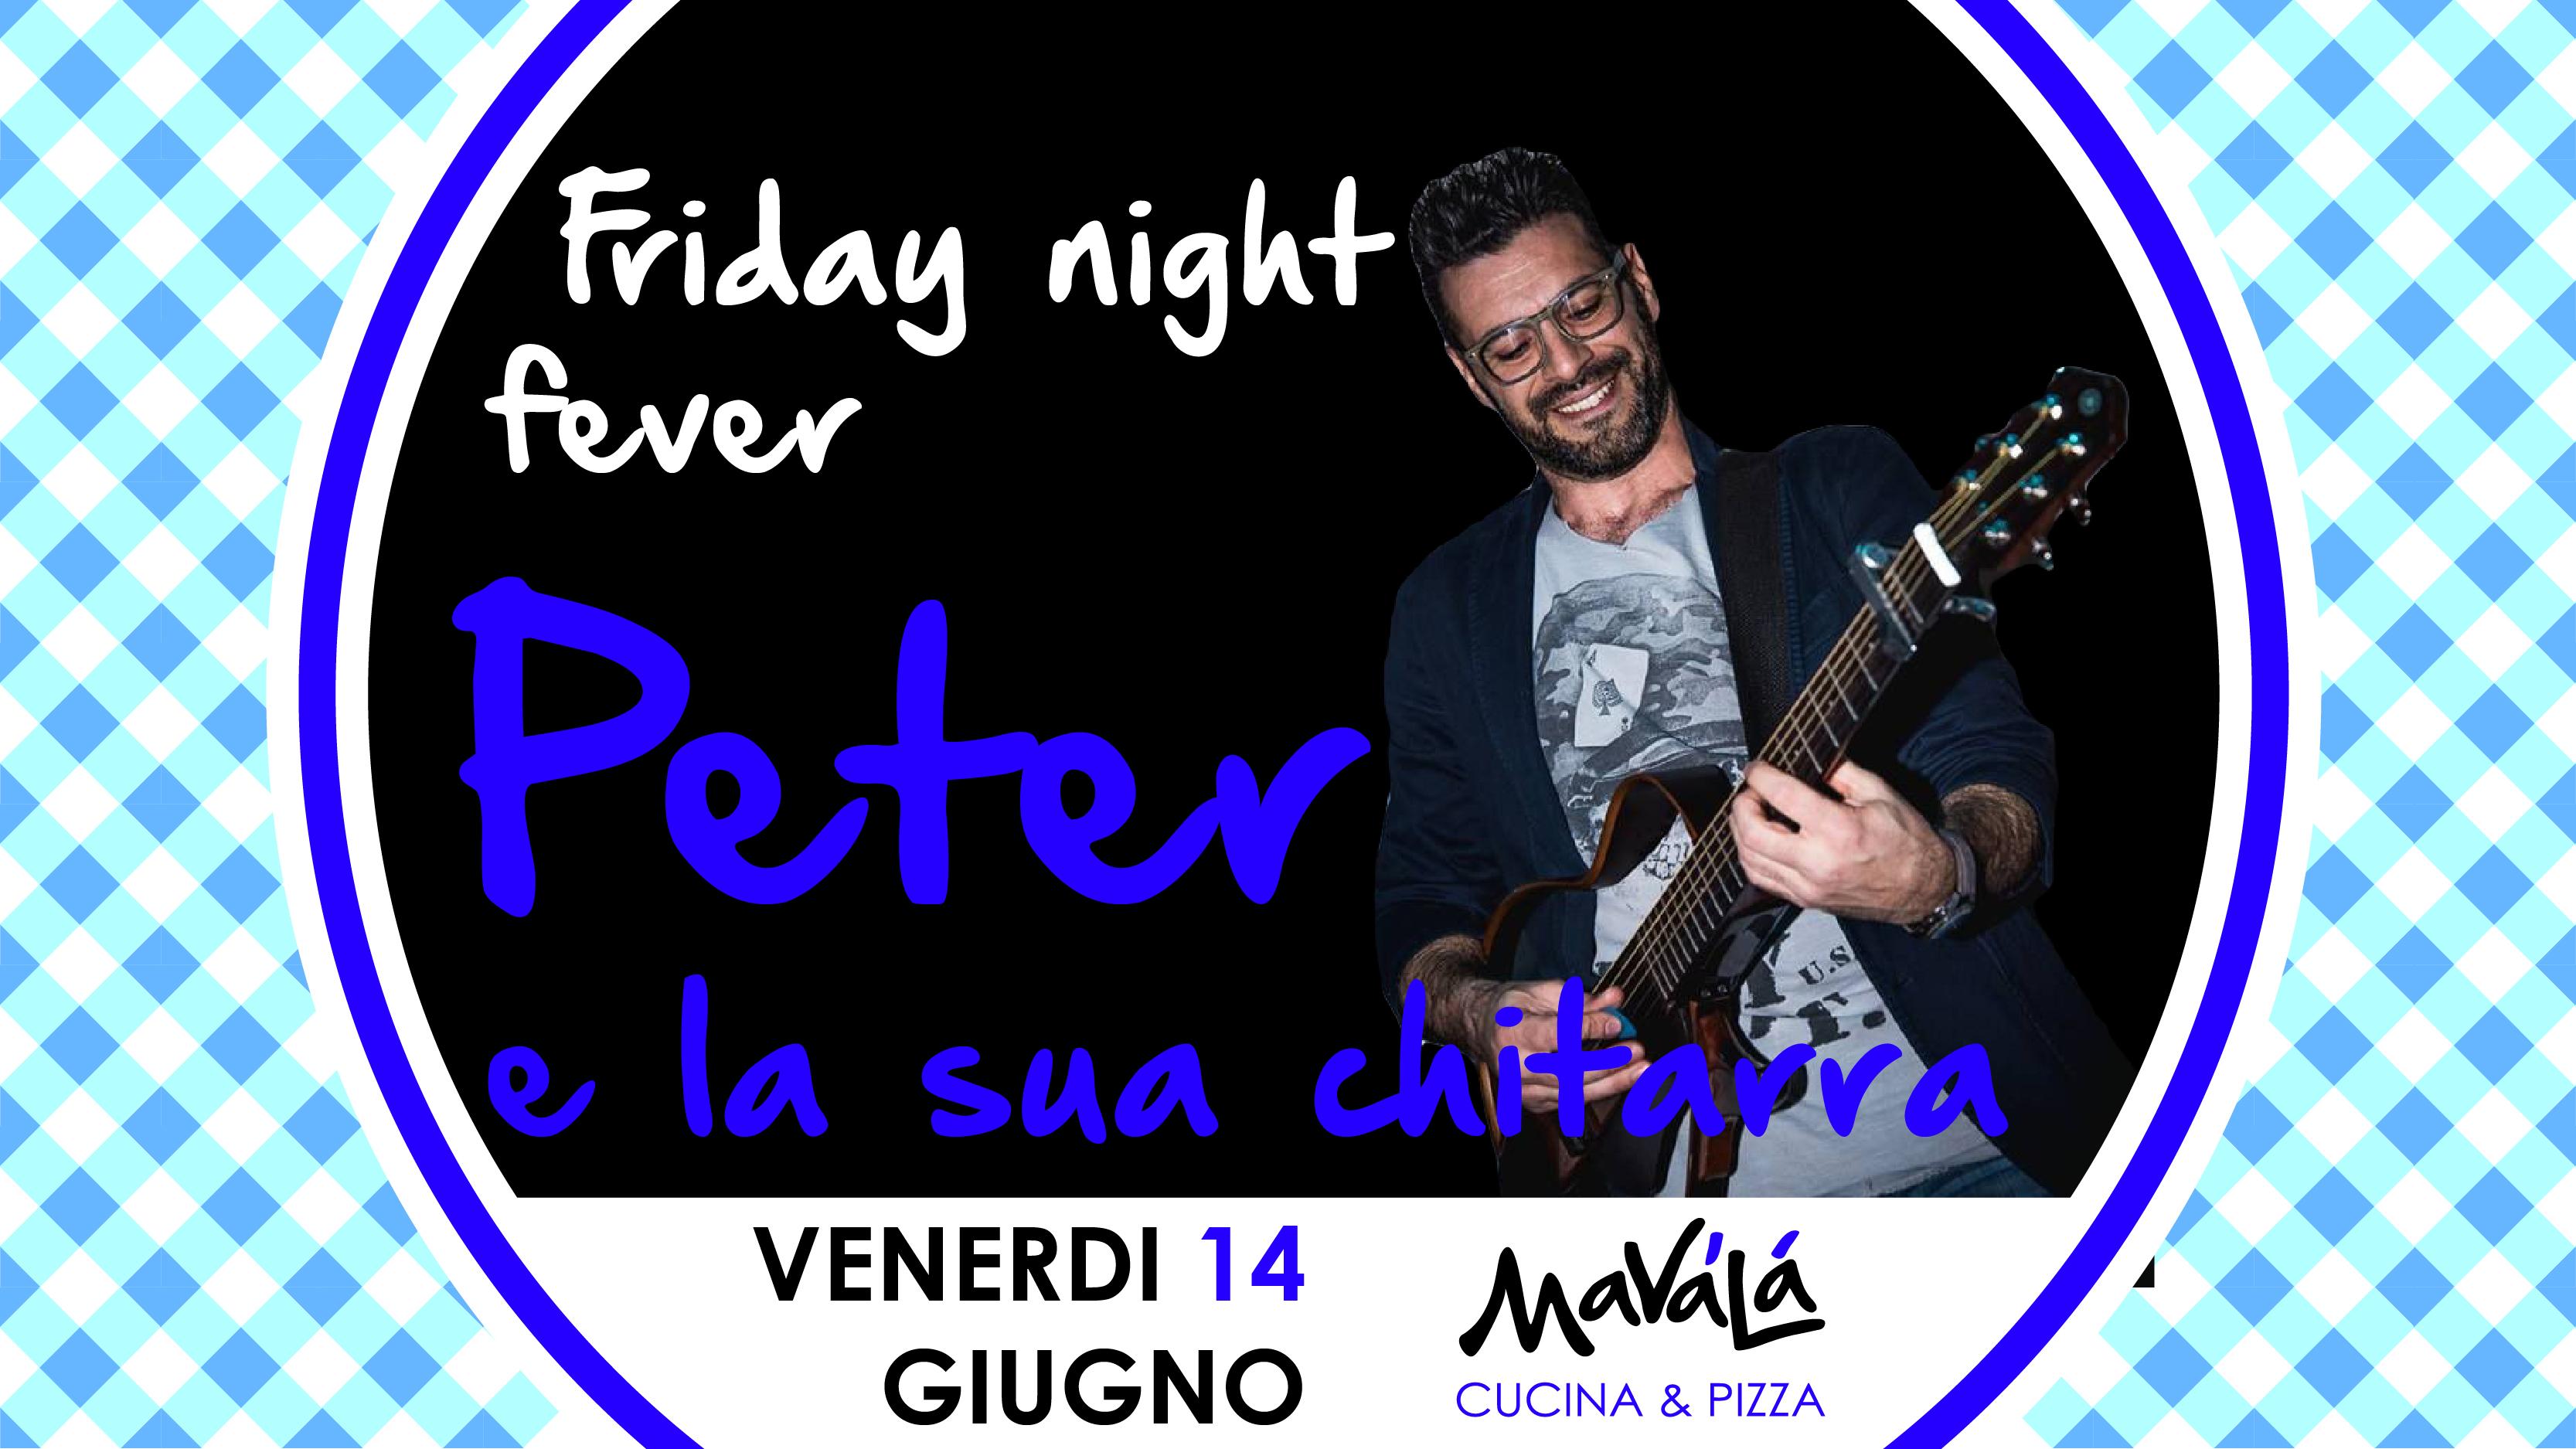 MAVALA_LOCANDINE_PETER_GIUGNO-05